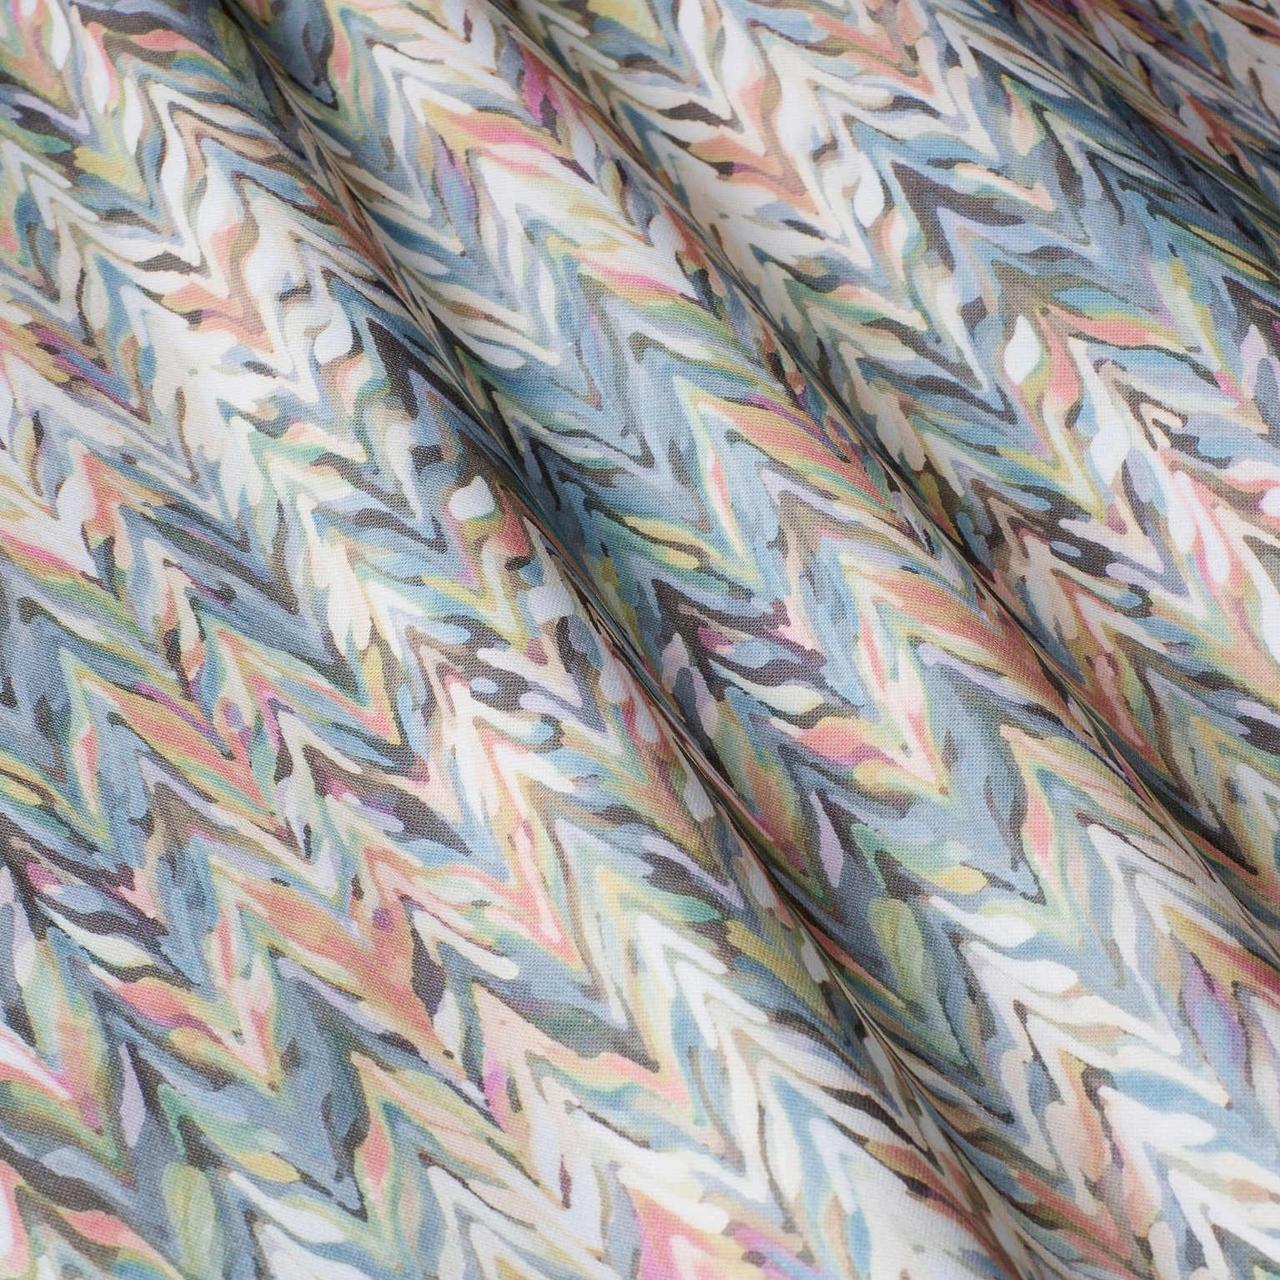 Декоративная ткань с цветным абстрактным узором 84292v1